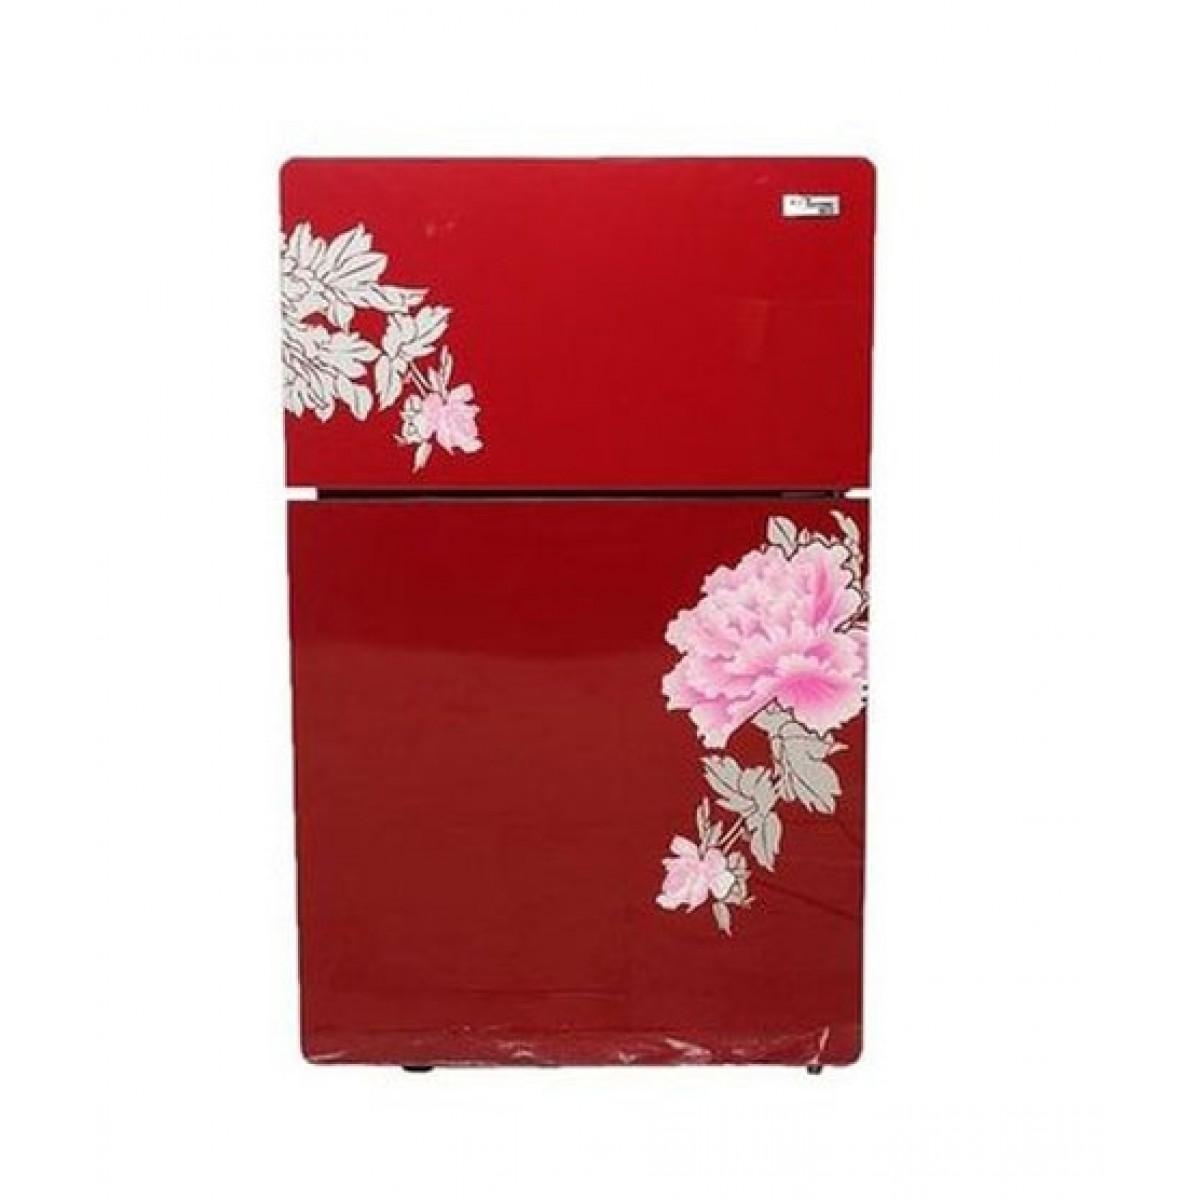 Gaba National Glass Door Freezer-on-Top Compact Refrigerator 7 cu ft (GNR-167)